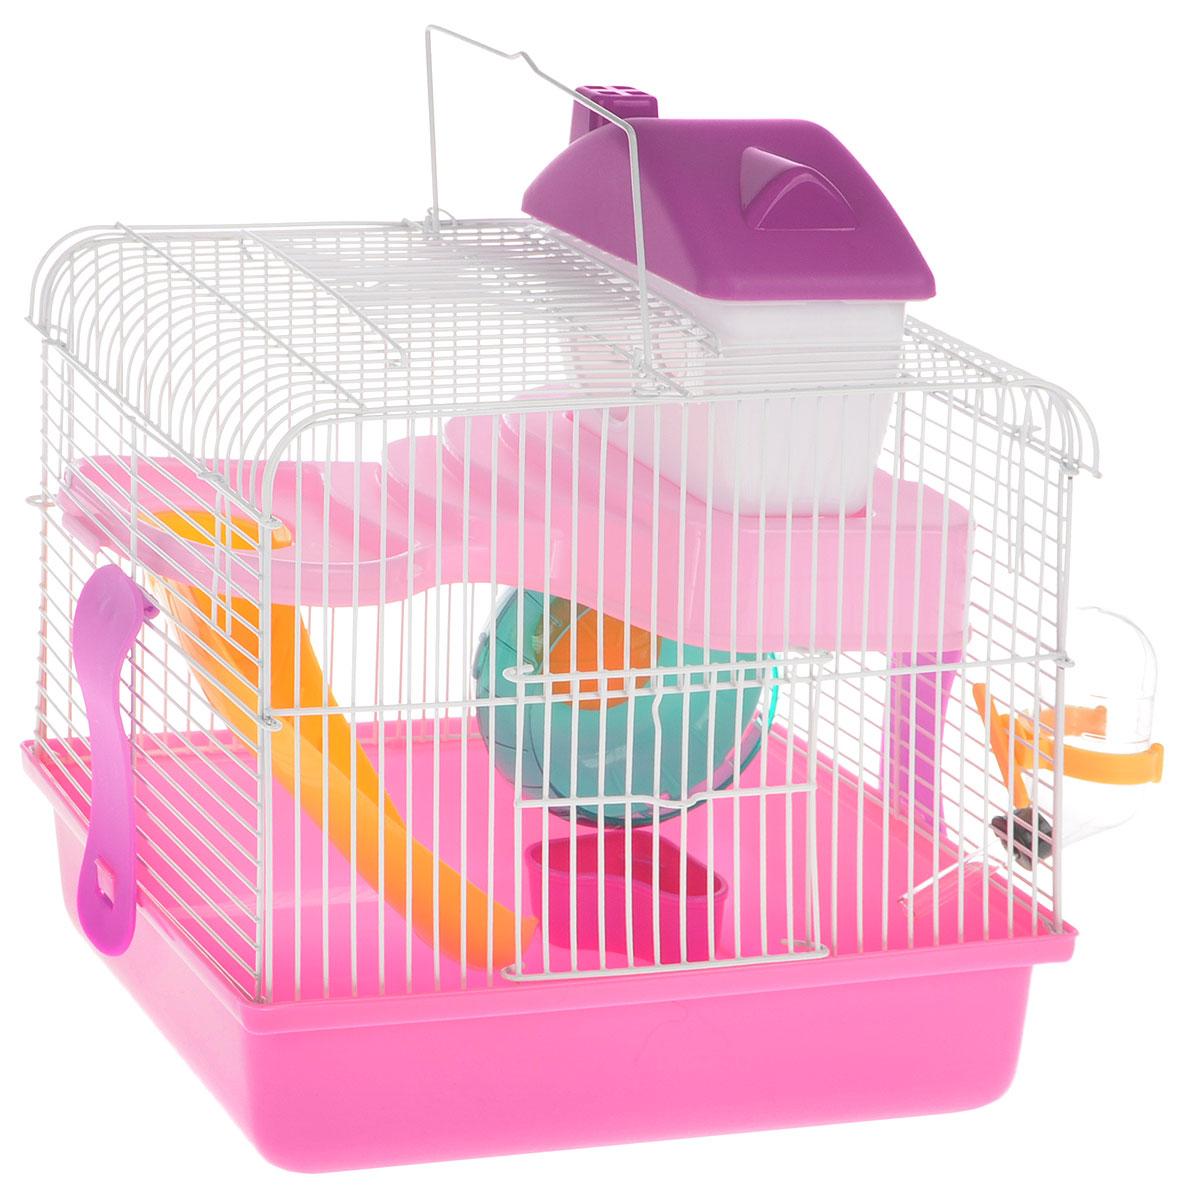 Клетка для грызунов Каскад, с оборудованием, 26 х 20 х 30 смКТС2тсКлетка Каскад, выполненная из пластика и окрашенного металла, прекрасно подходит для мелких грызунов. Изделие двухэтажное, оборудовано поилкой, сенником, пластиковым домиком и миской. Клетка имеет яркий поддон, удобна в использовании и легко чистится. Сверху имеется ручка для переноски, а сбоку удобная дверца.Такая клетка станет уединенным личным пространством и уютным домиком для маленького грызуна.